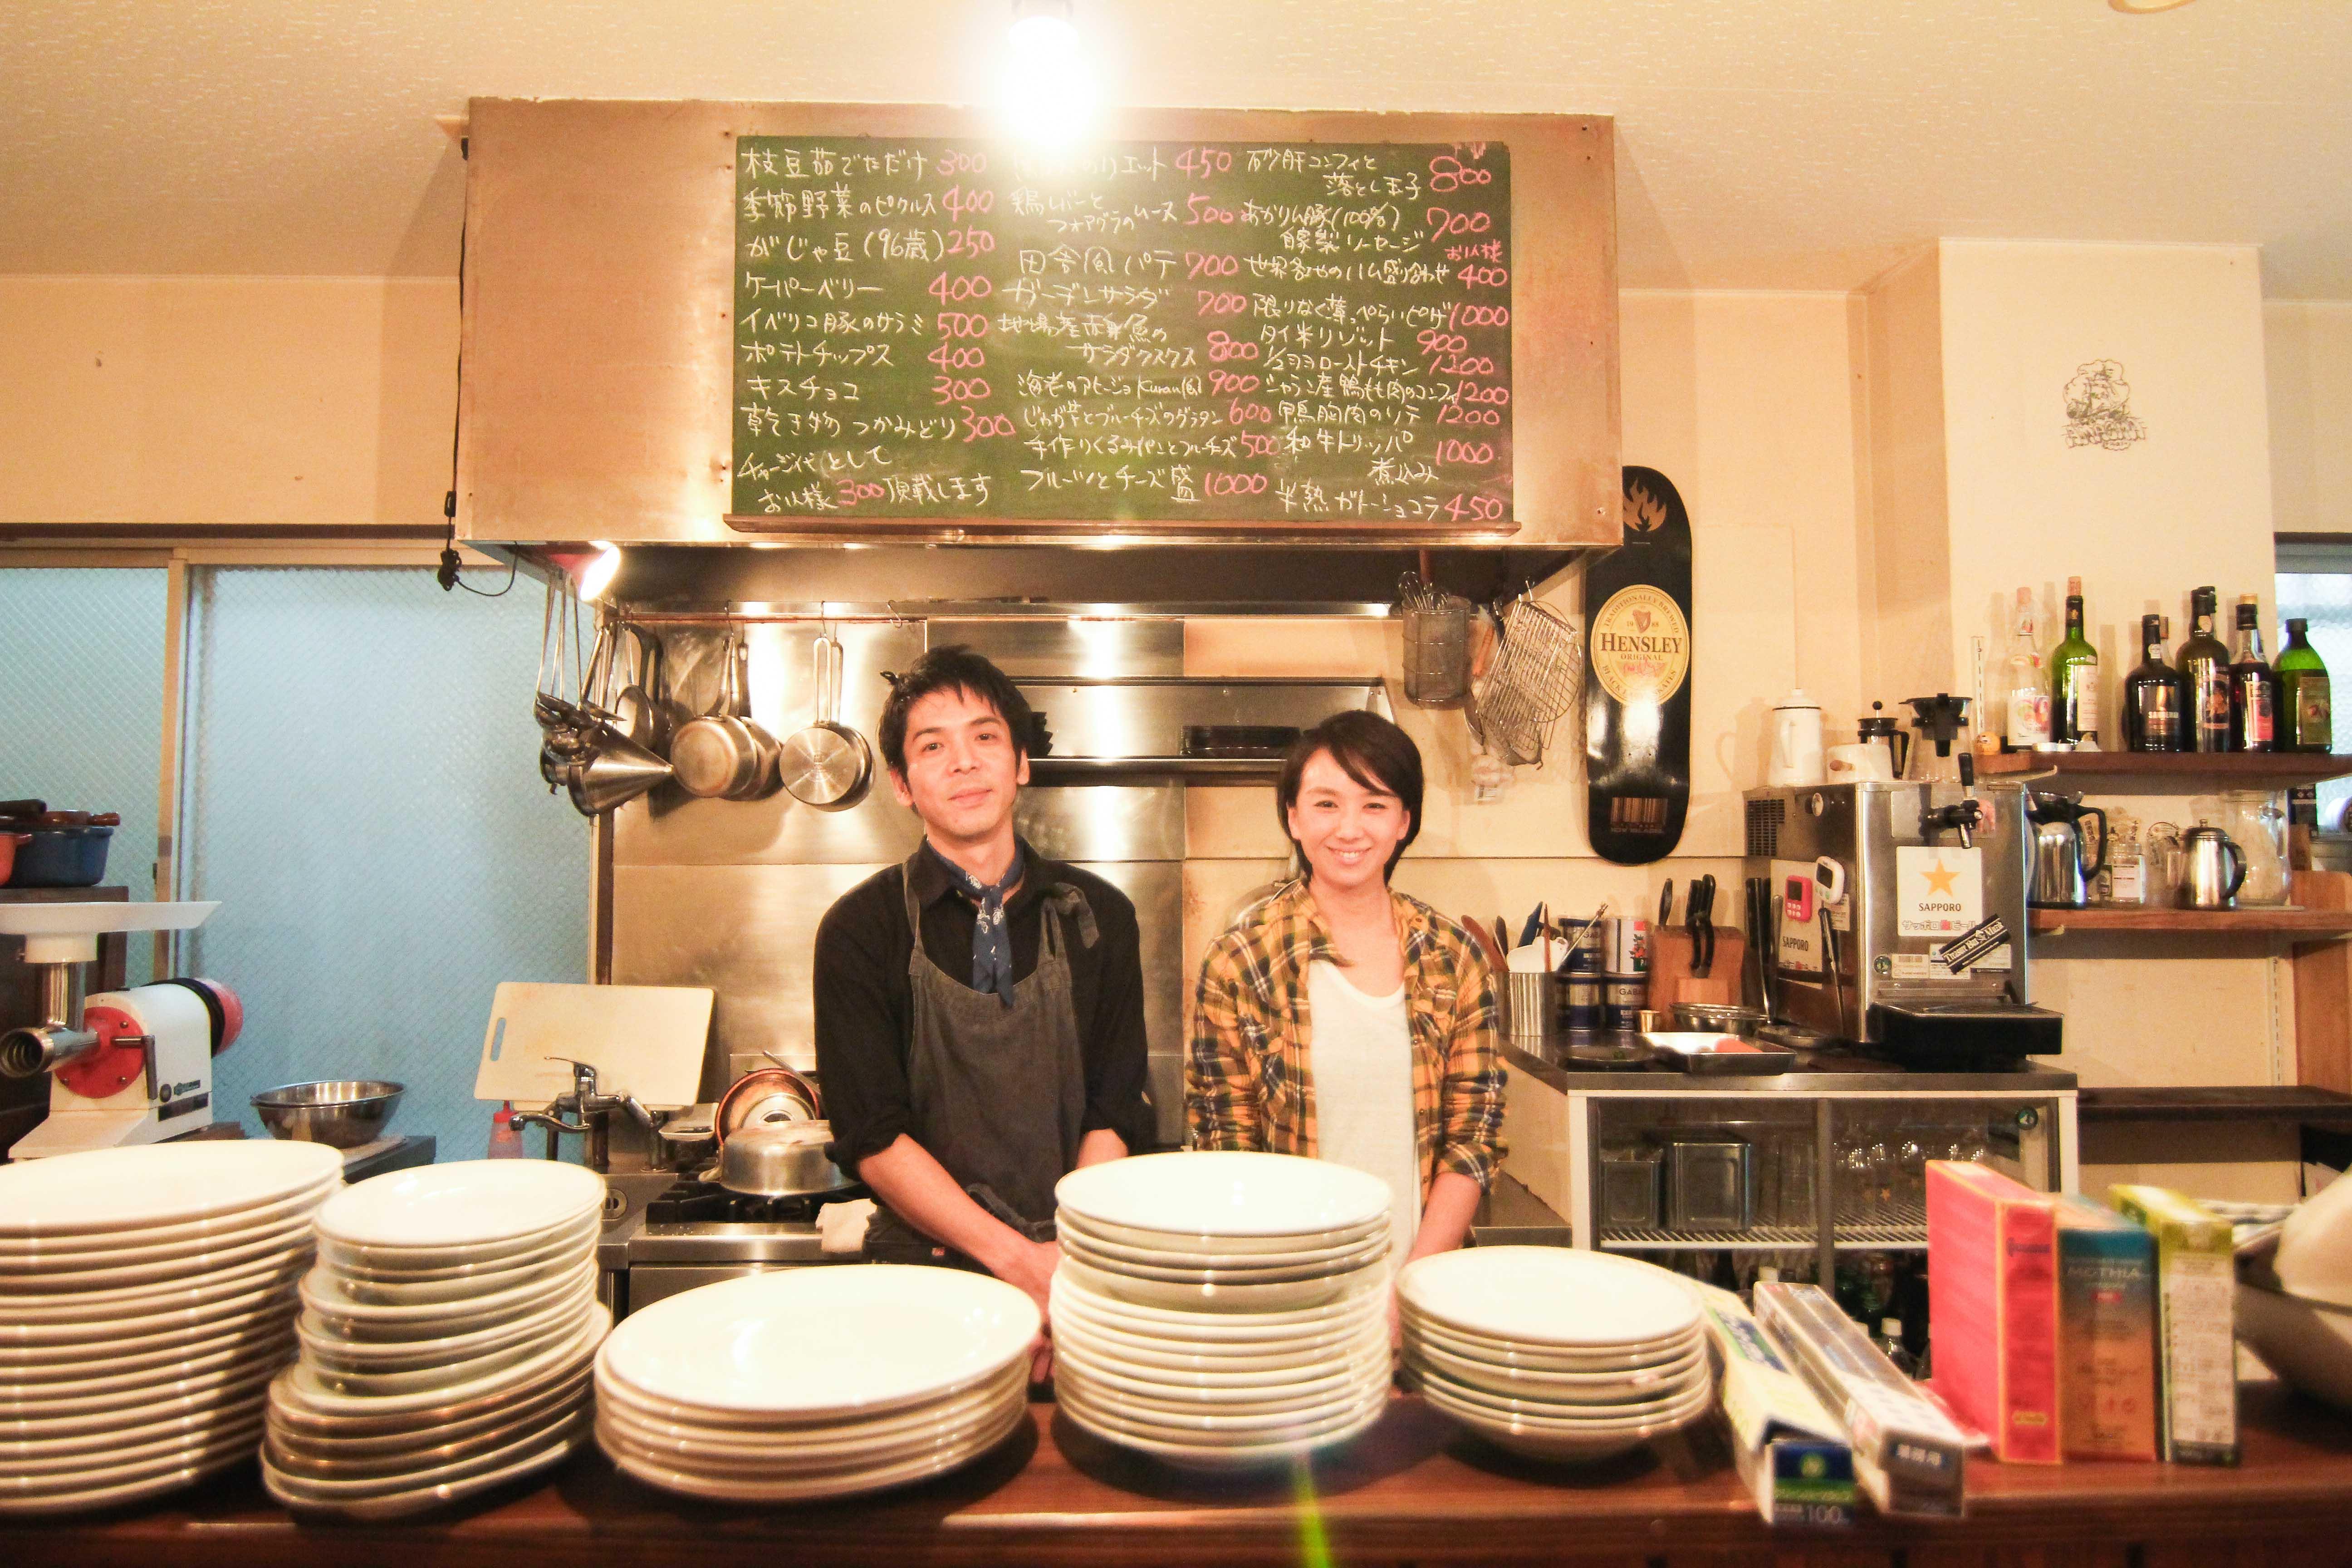 【パート・アルバイト募集】屋仁川のおしゃれ洋食屋。ホールスタッフ募集!